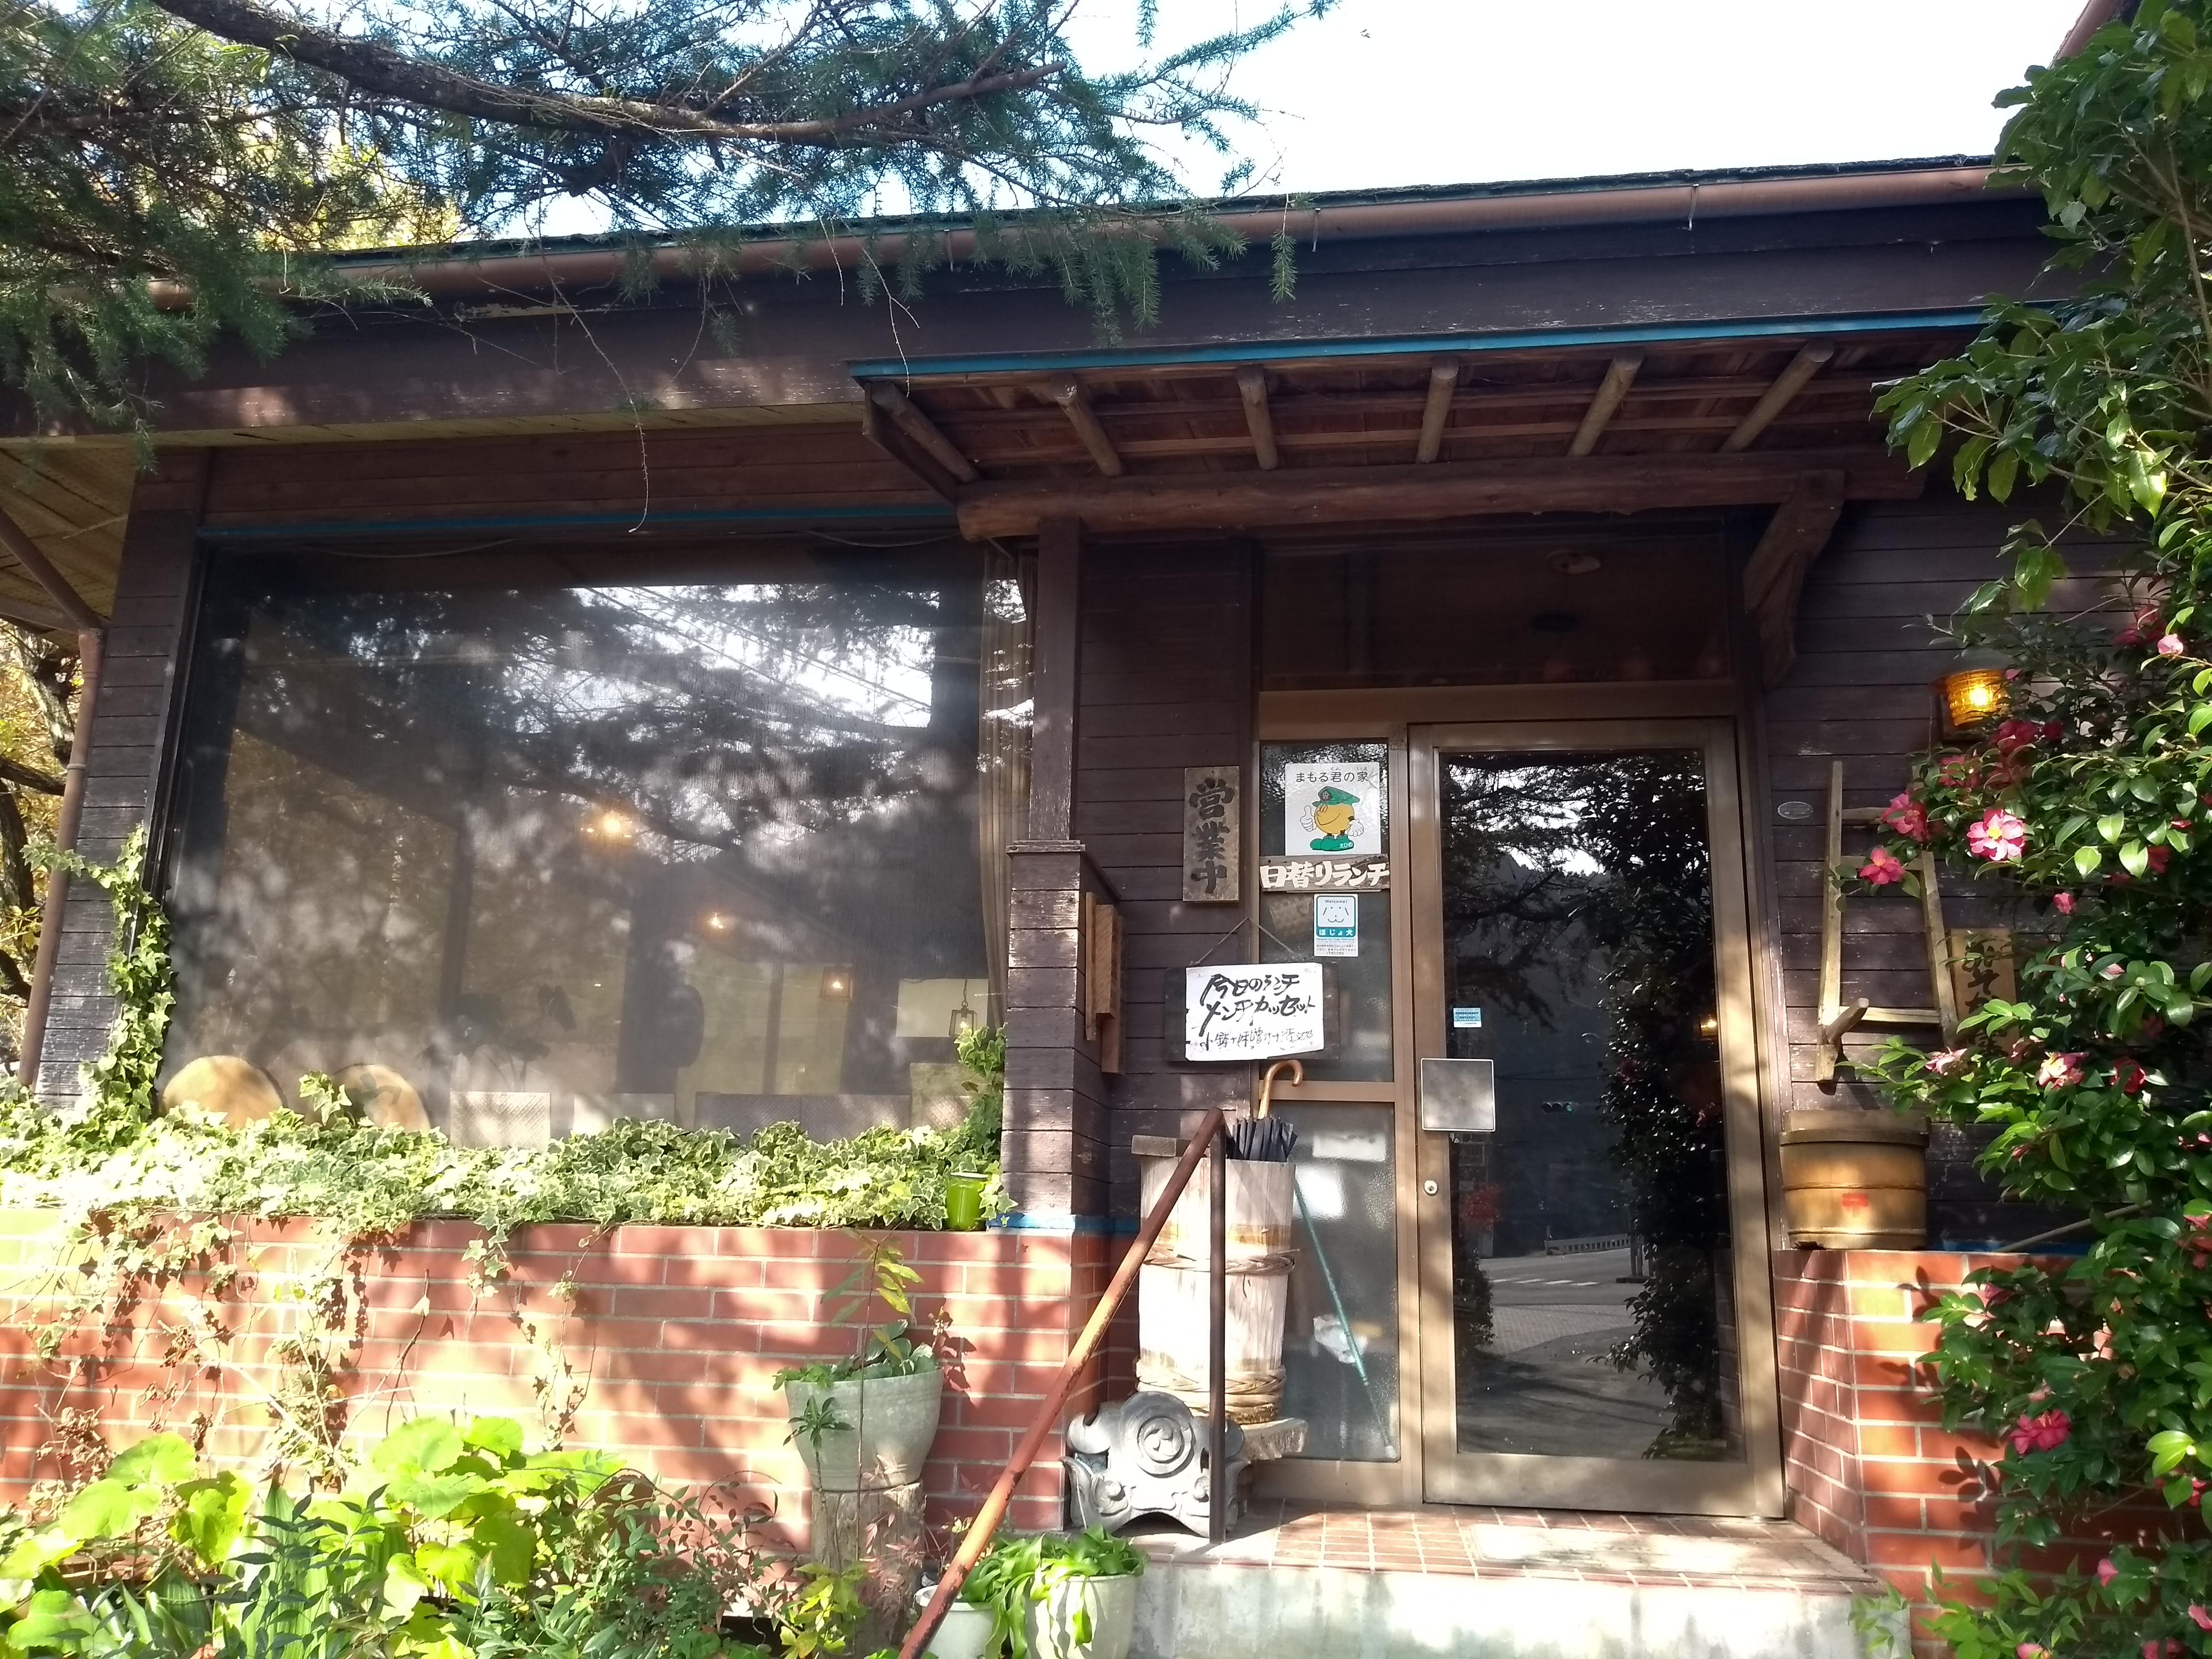 「きなはい屋しろかわ」のすぐ近く!西予市城川町で地元に愛される定食屋「コスモス」の「日替わりランチ」を食べてきたよ!